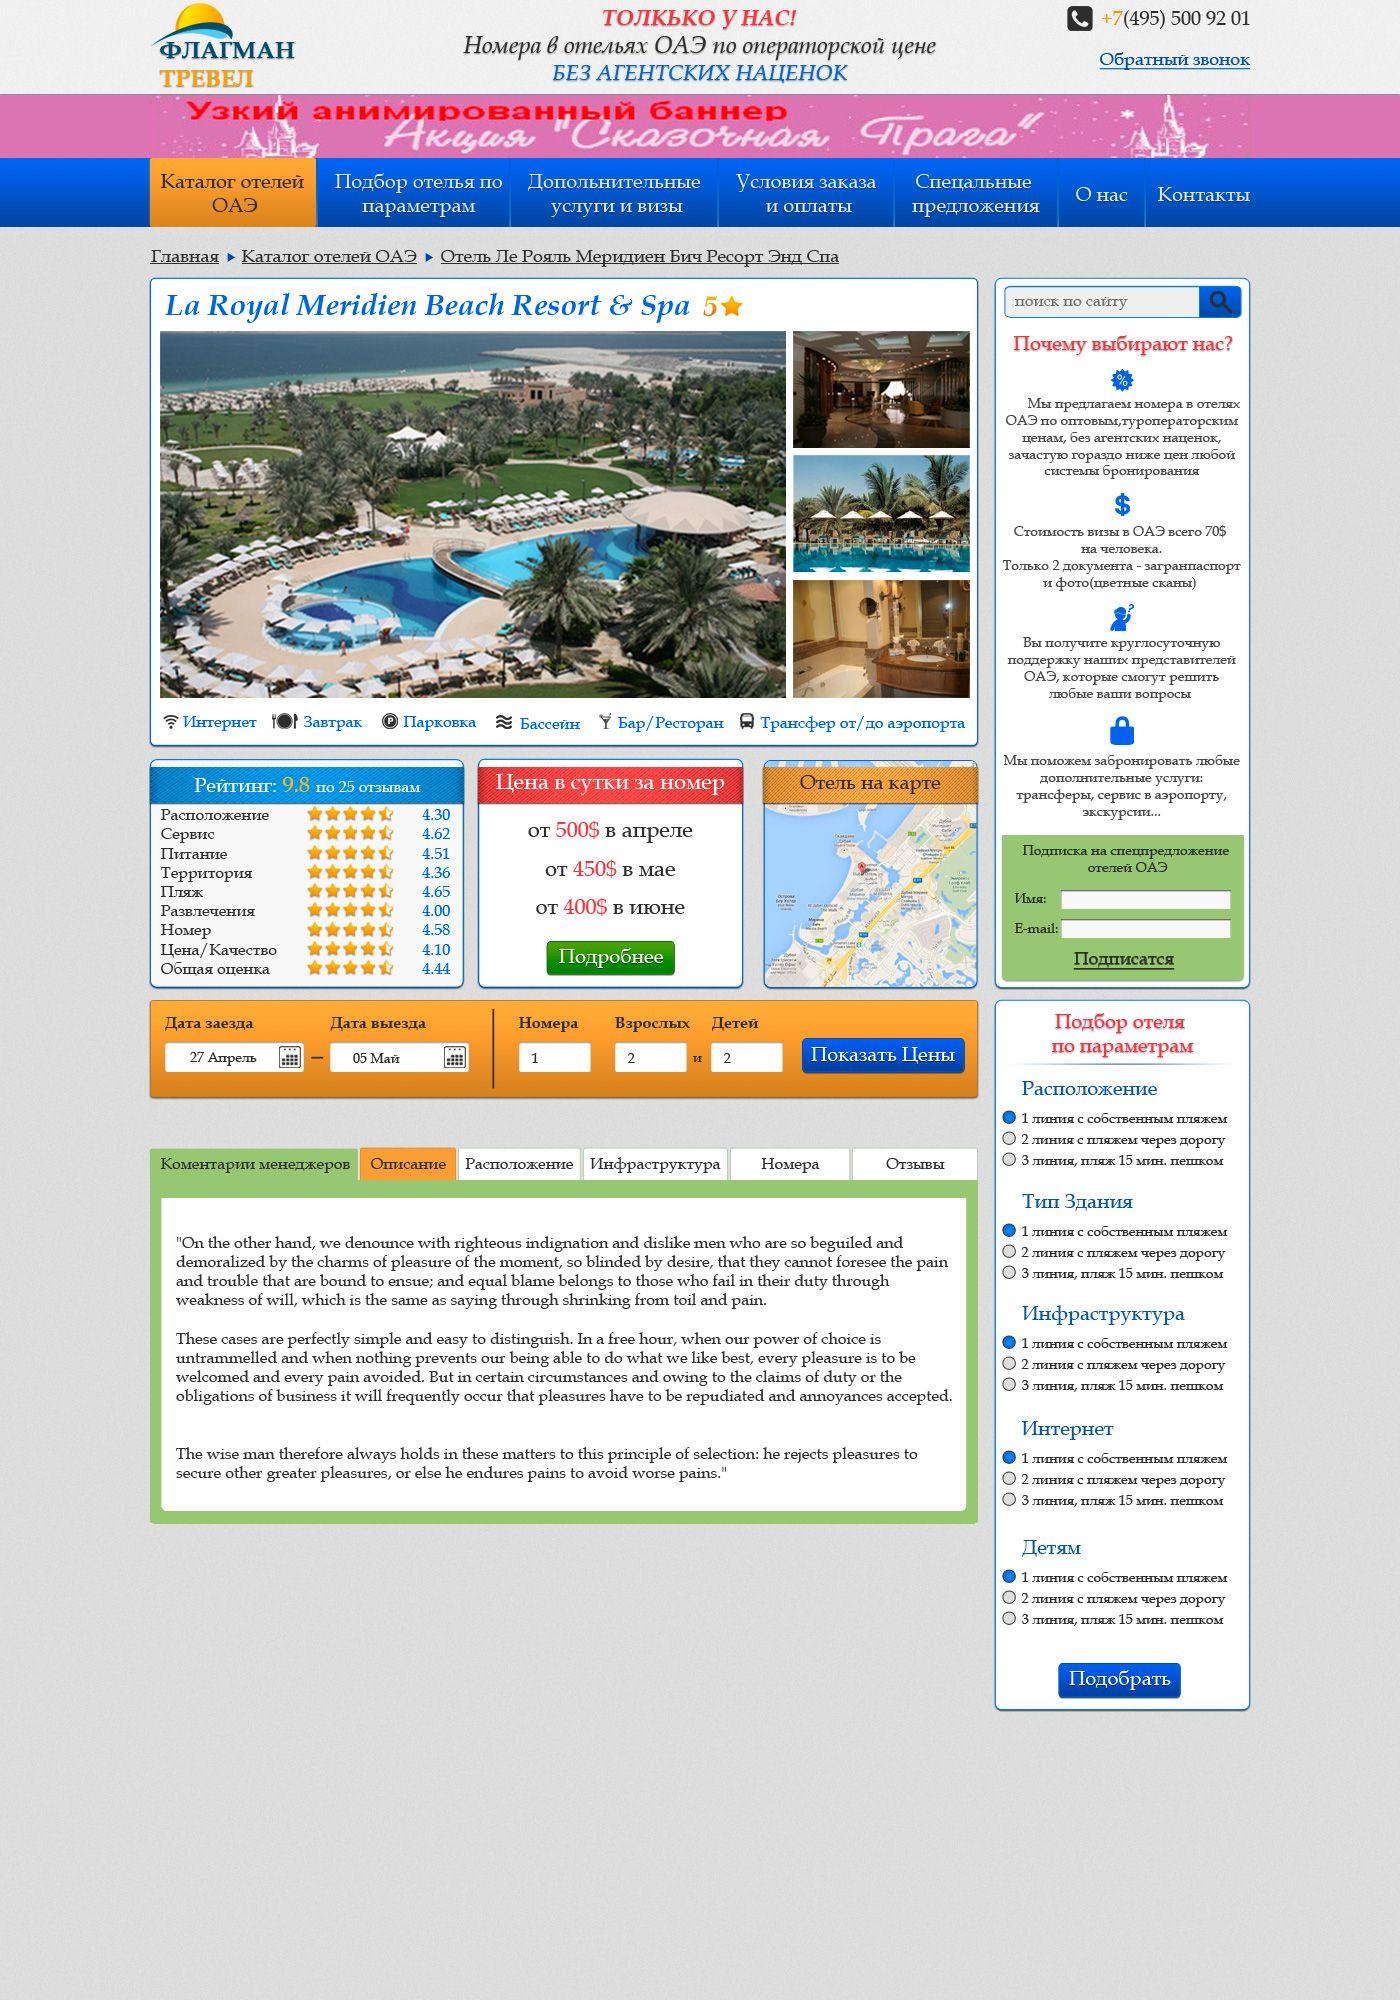 Страница сайта по продаже проживания в отеле - дизайнер VaheMatosyan